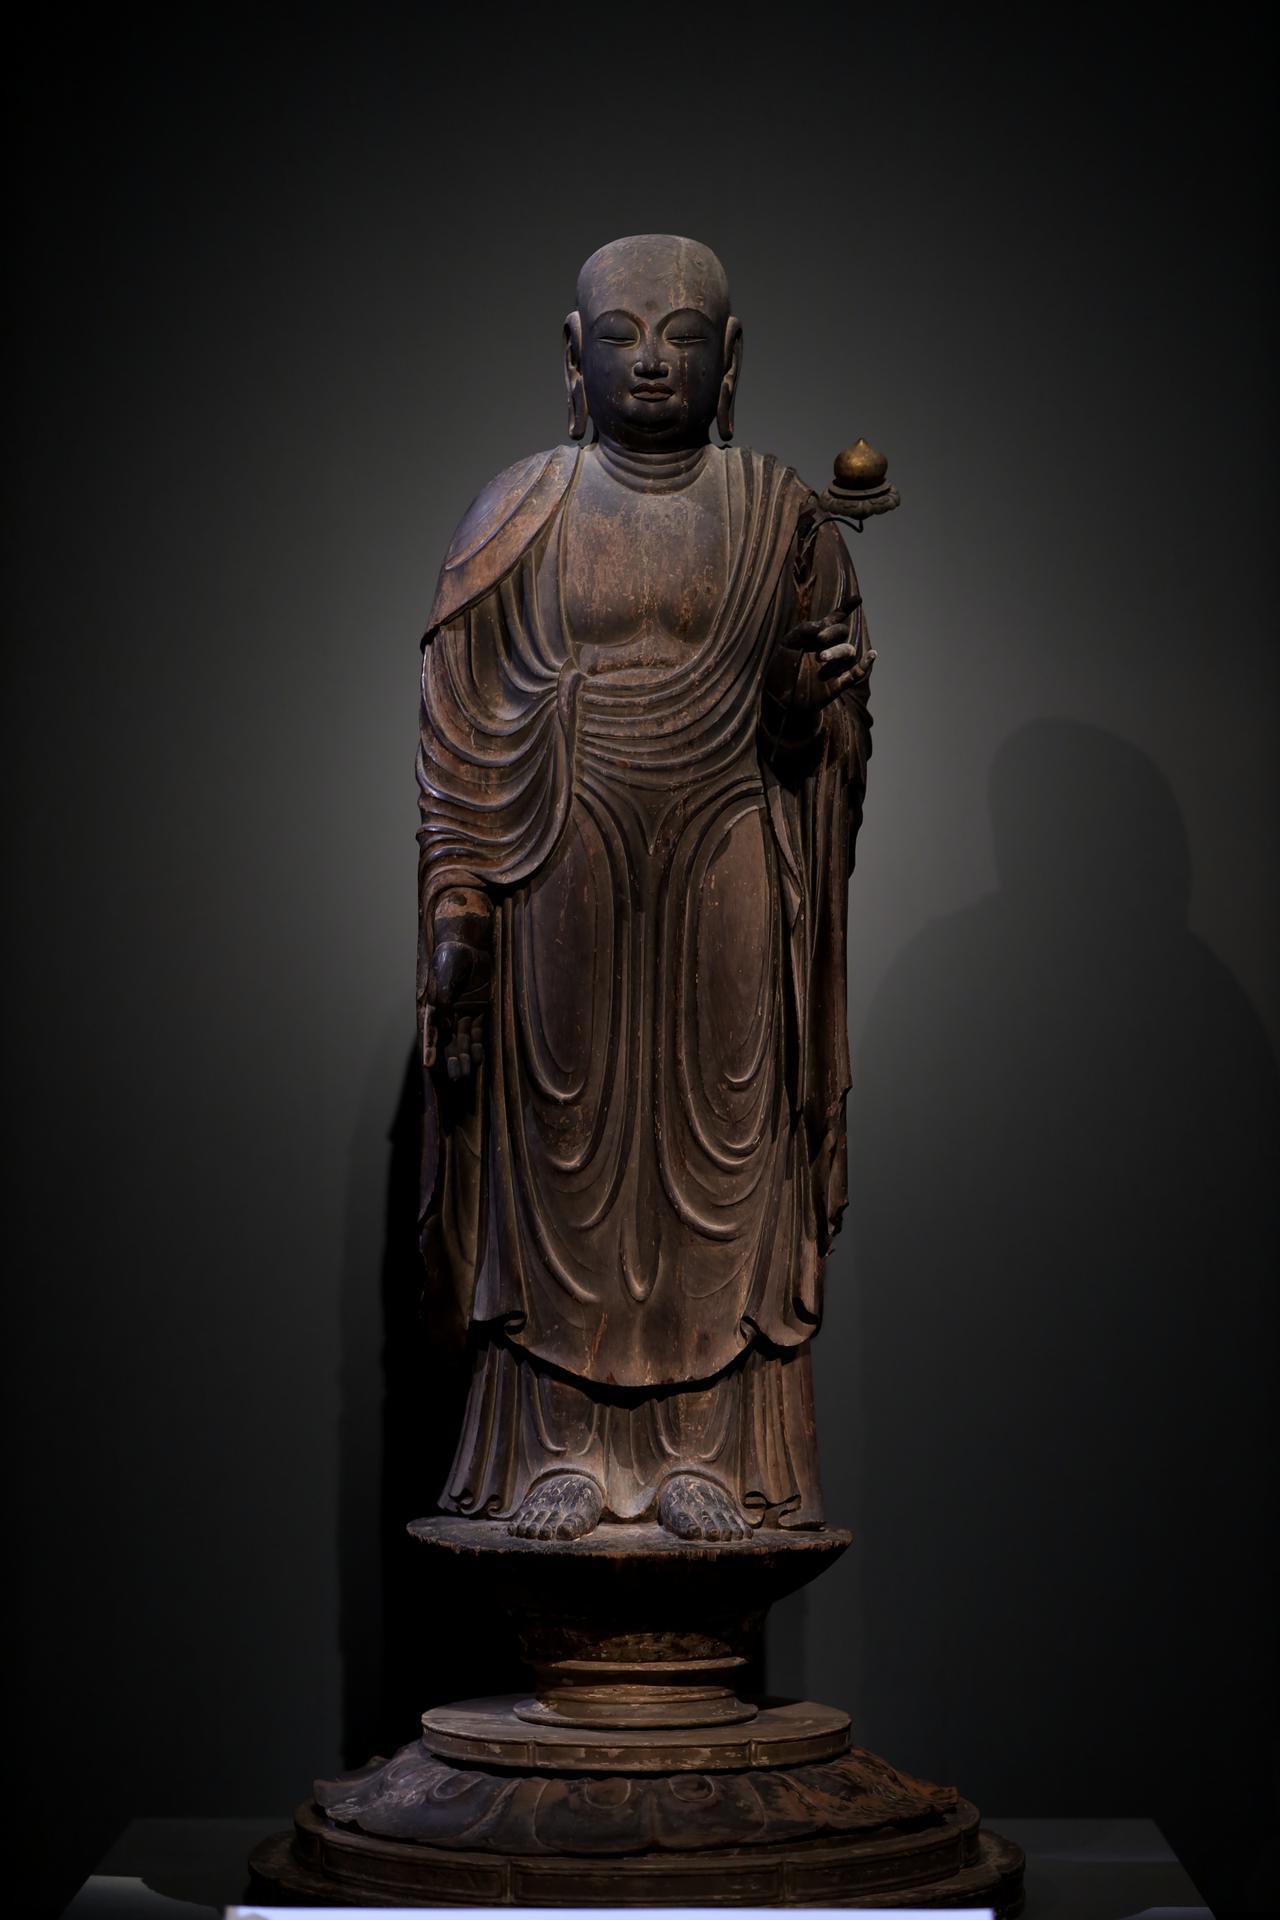 画像8: 国宝 地蔵菩薩立像 平安時代・9世紀 奈良・法隆寺蔵